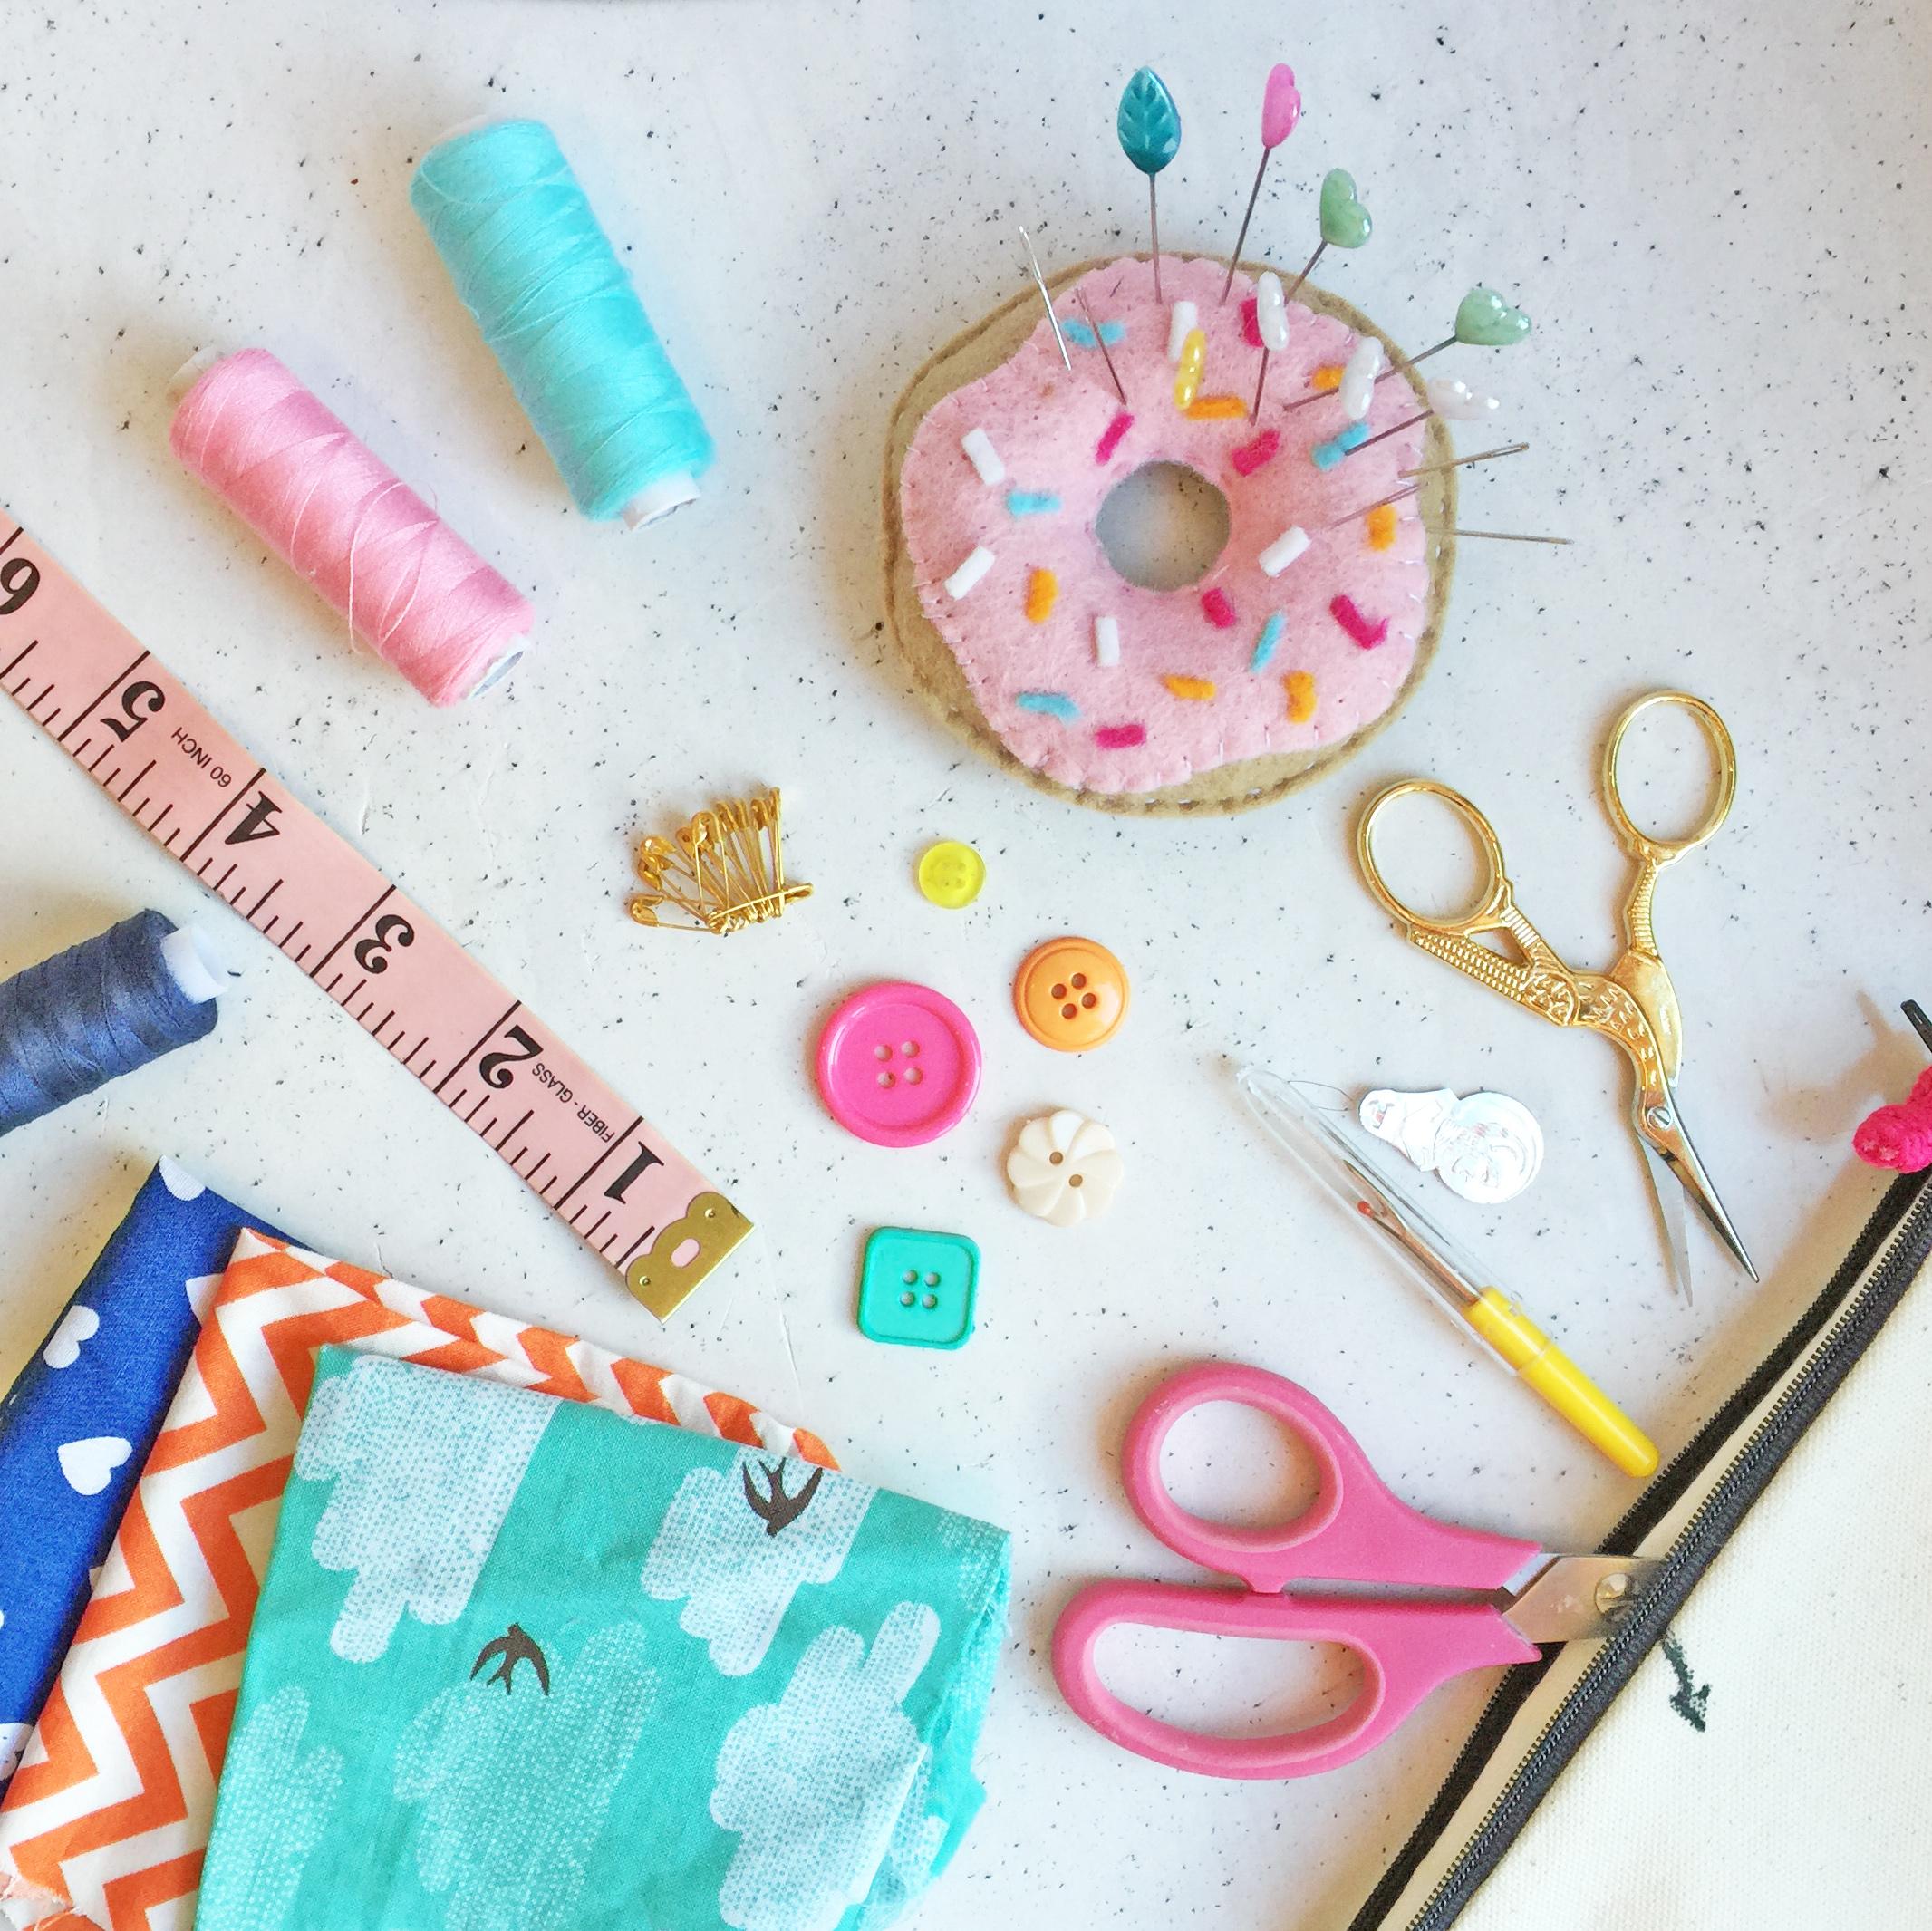 sewing kit 2.jpg